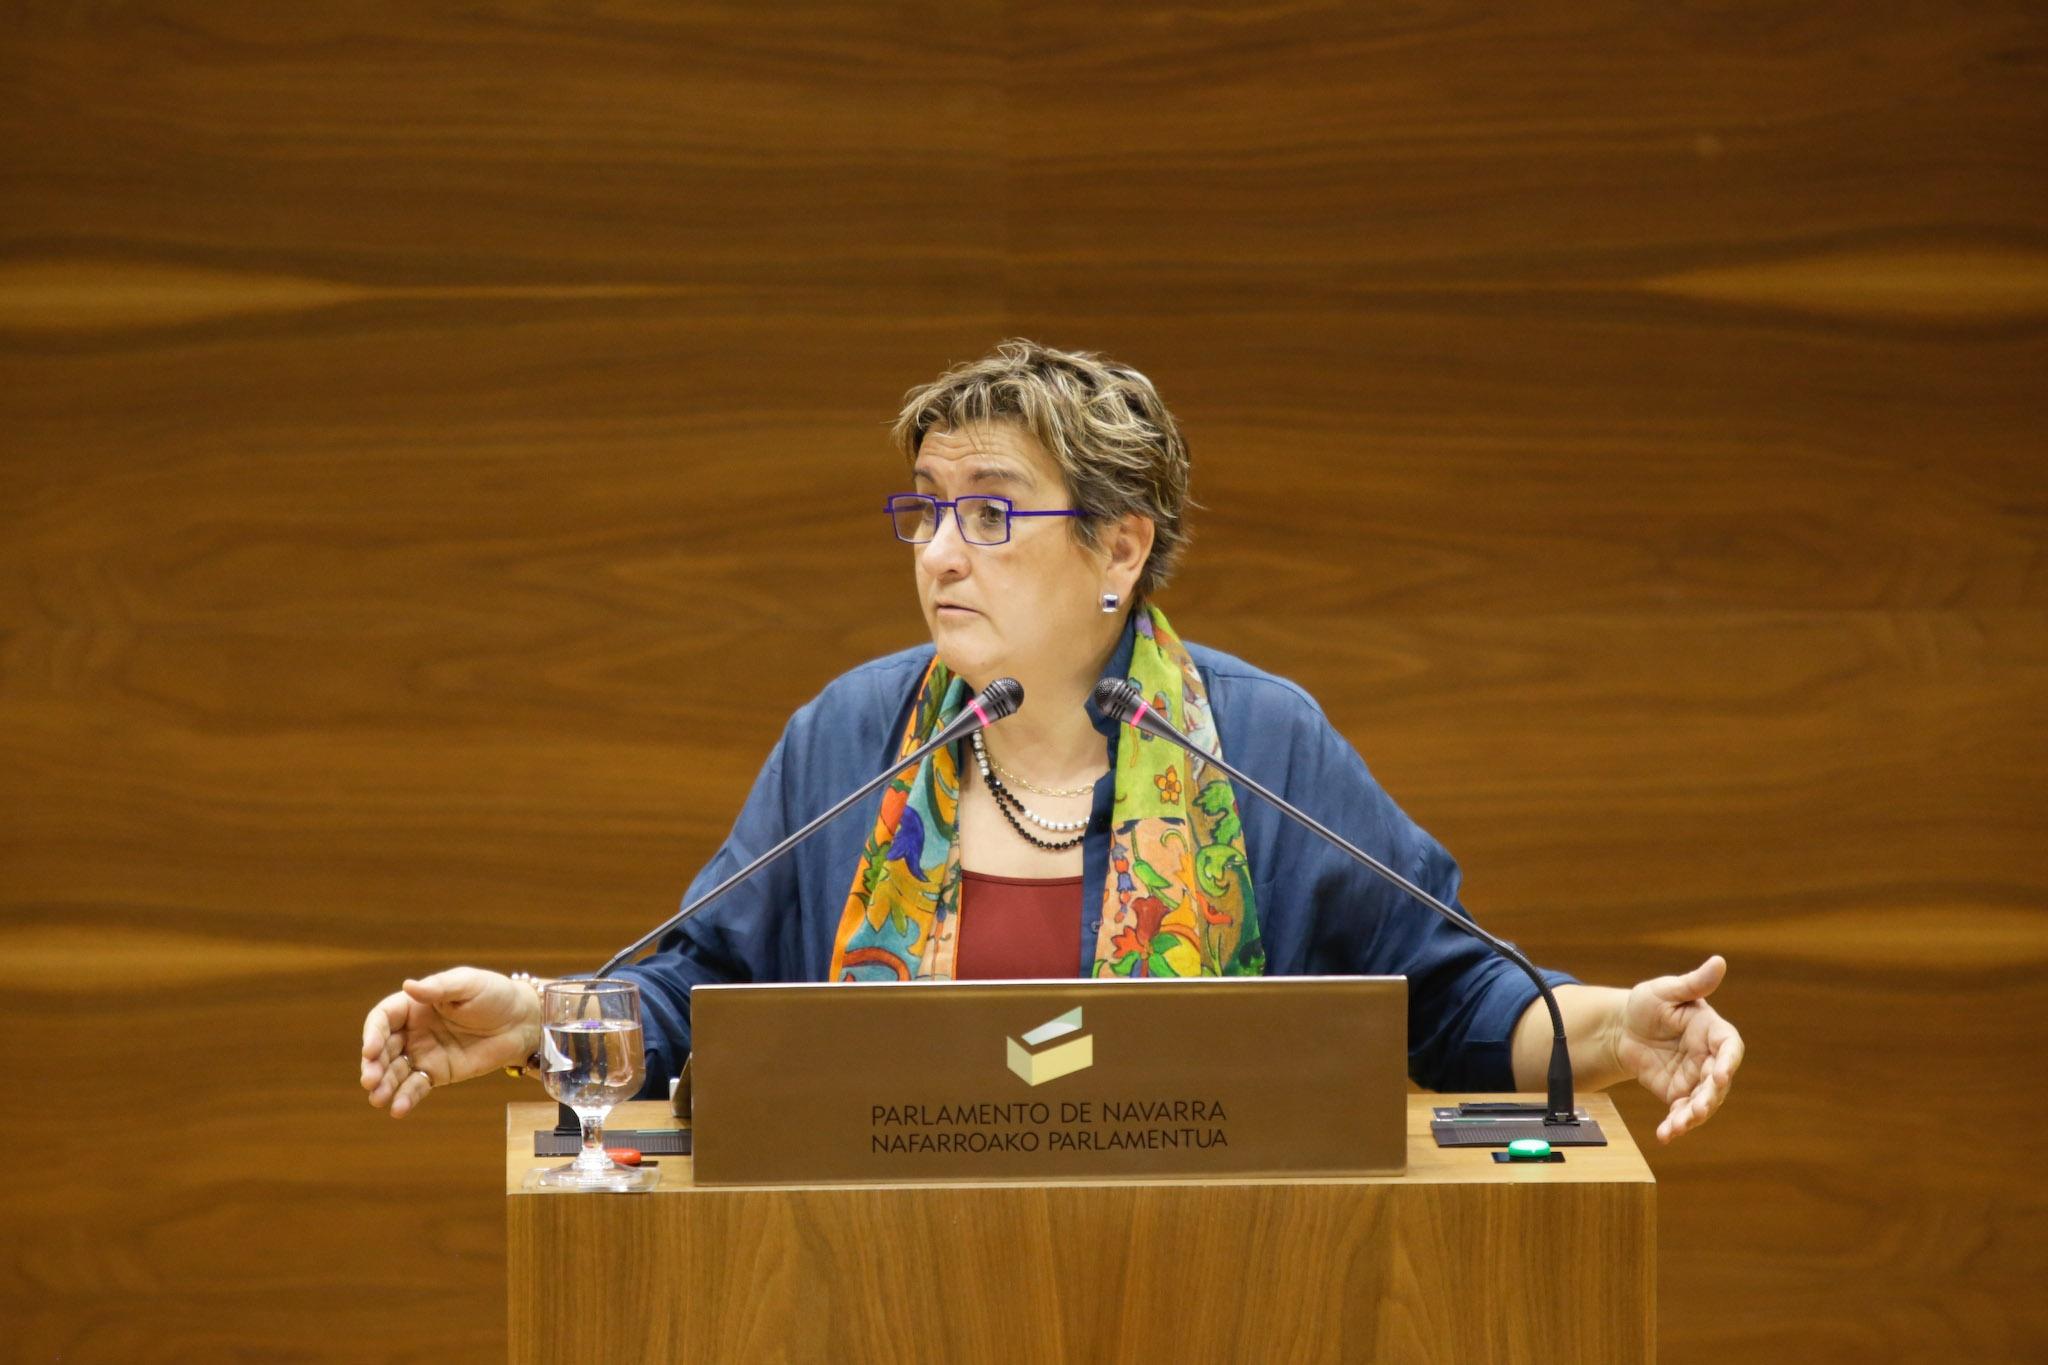 Izquierda-Ezkerradice que el Navarrómetro deja claro que IEes y seráimprescindible para que el cambiocontinúe en Navarra